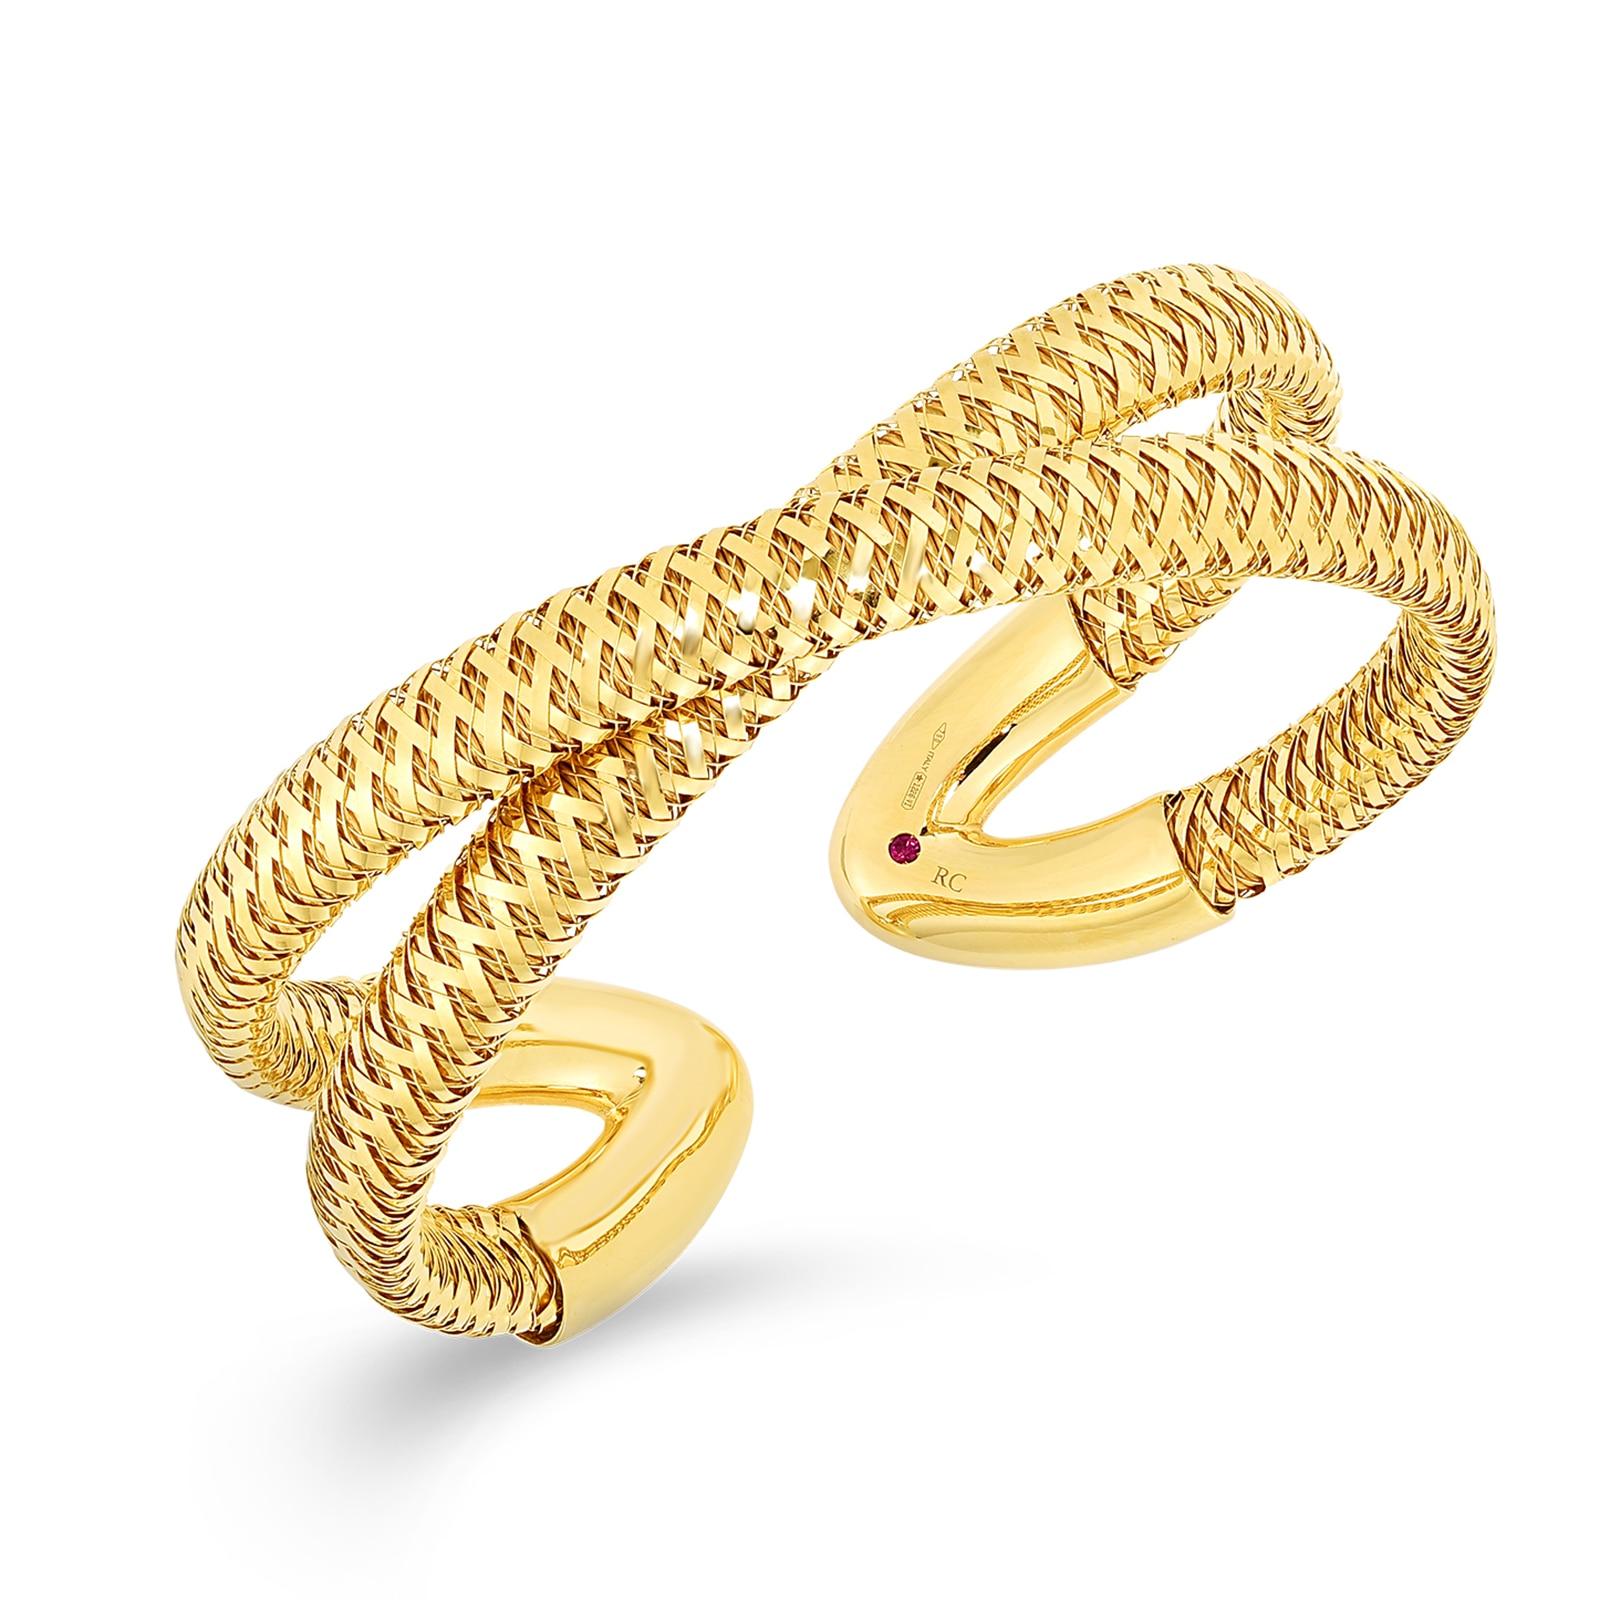 Roberto Coin Primavera Crossover Cuff Bracelet